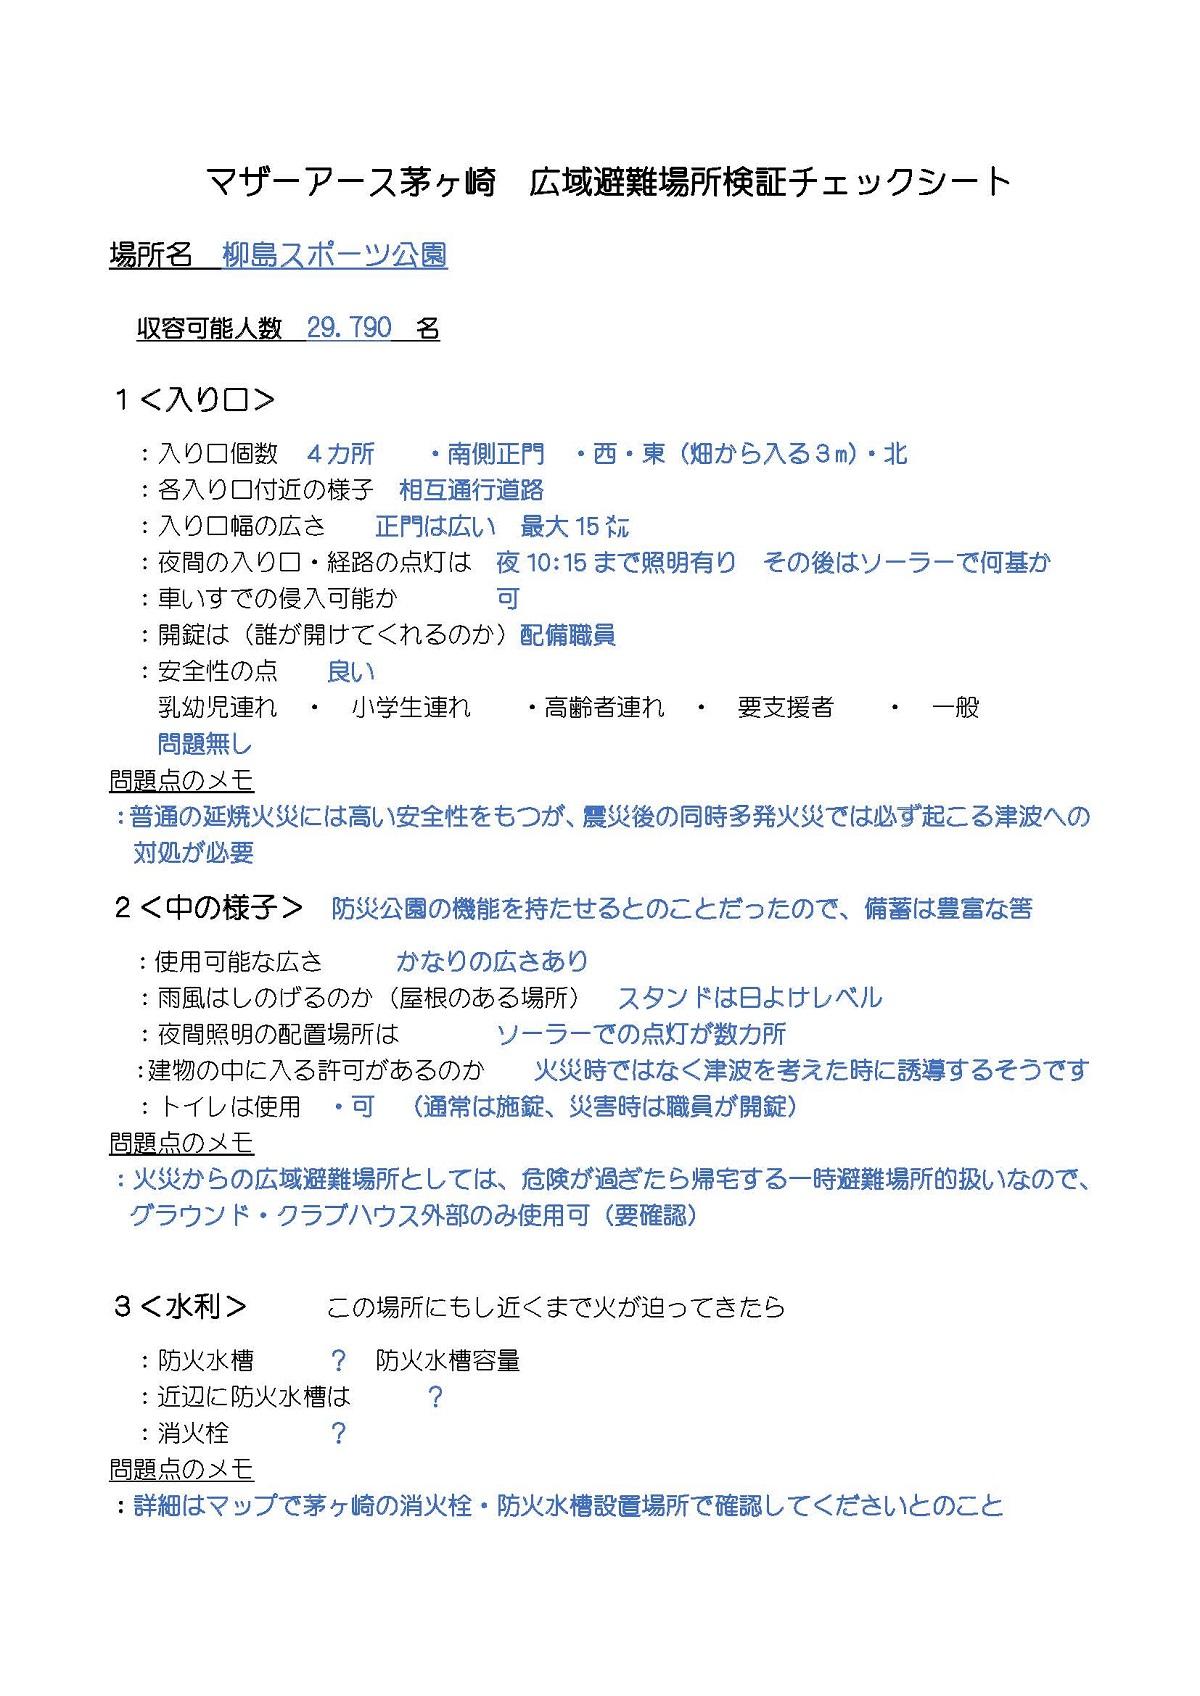 201新ー柳島スポーツ公園広域指定ーマザーアース茅ヶ崎_ページ_1